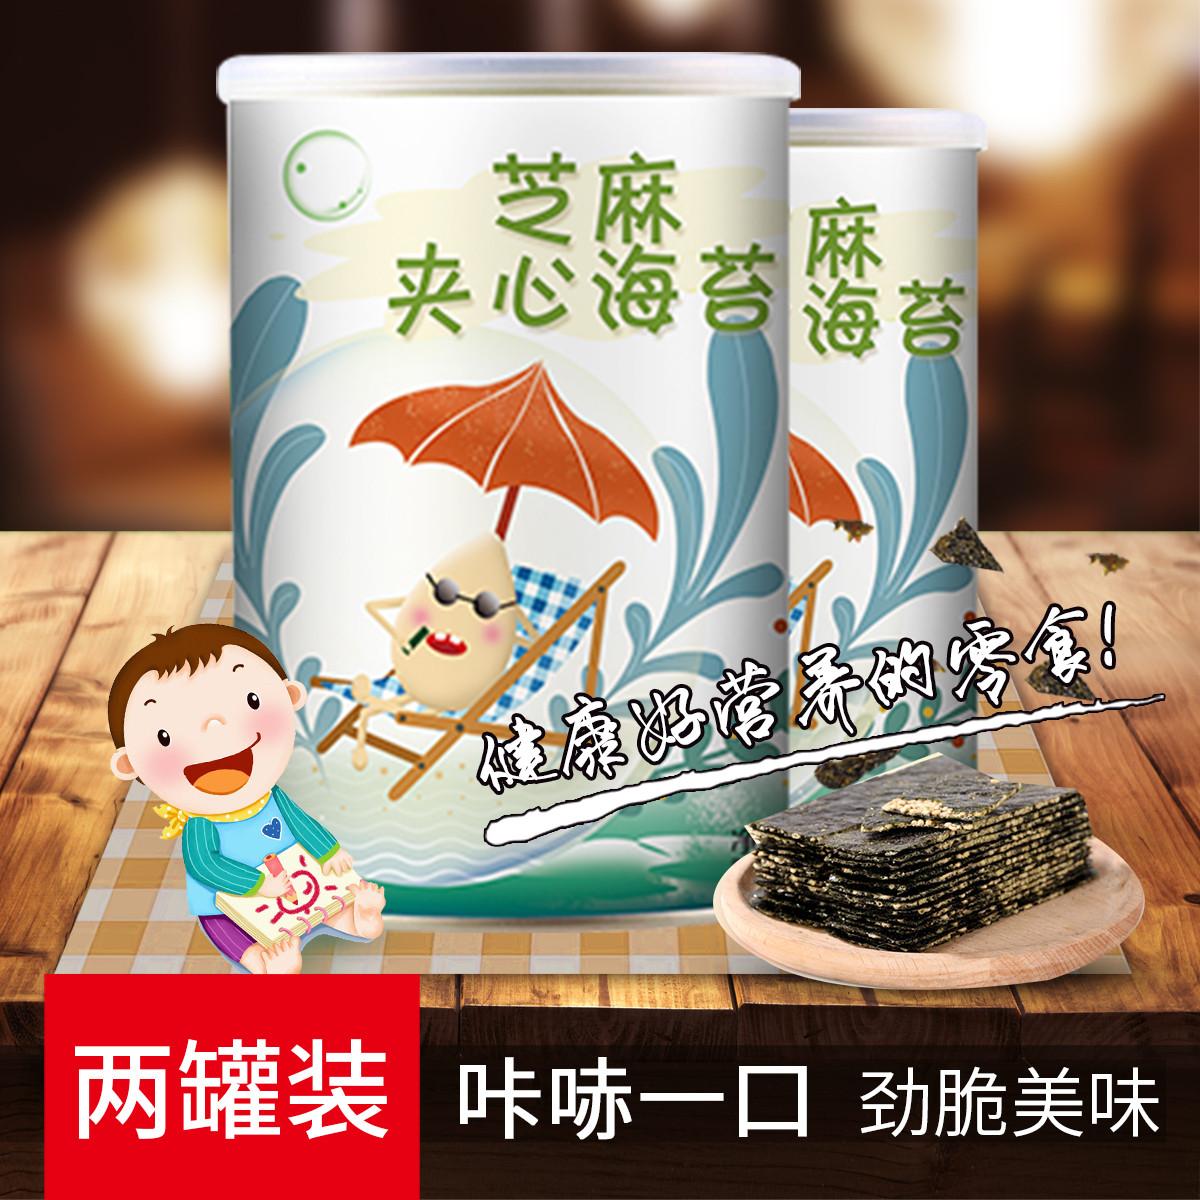 唯仟芝麻夹心海苔夹心脆儿童海苔寿司即食海苔婴儿海苔饼干52g*2COLOR其它颜色